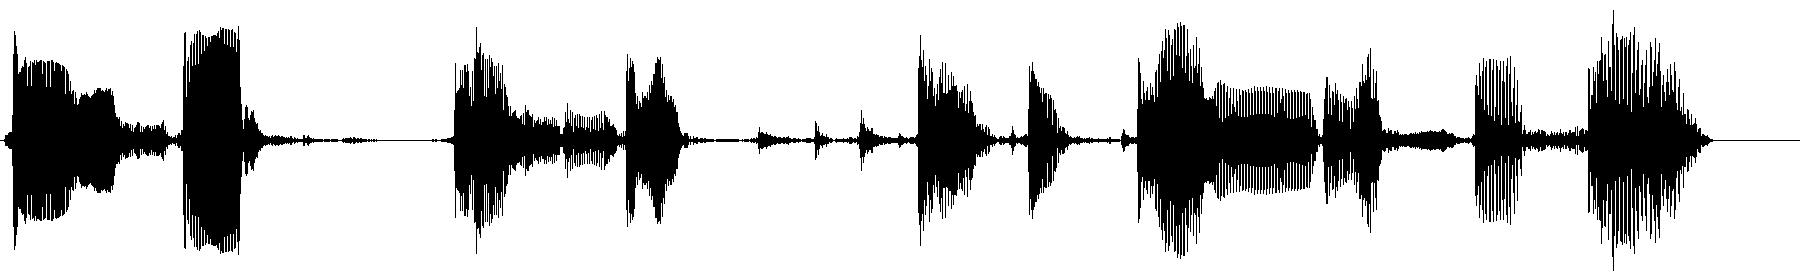 guitarfunk06 120